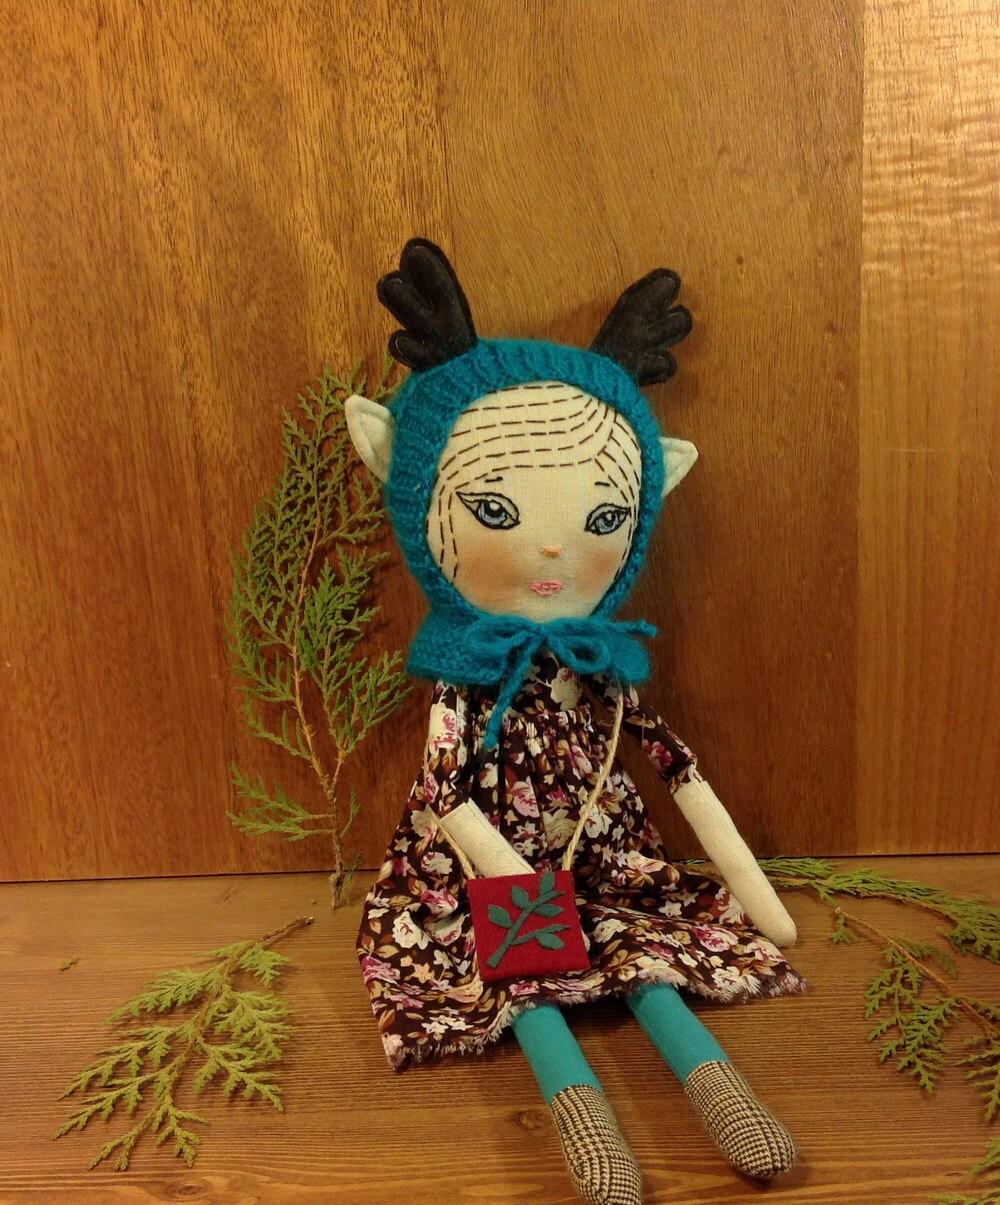 Save fruit doll - Art Doll Forest Fairy Heirloom Doll Elf Doll Woodland Doll Deer Doll Pixie Doll Fabric Doll Soft Doll Rag Doll Cloth Doll Textile Doll Fawn